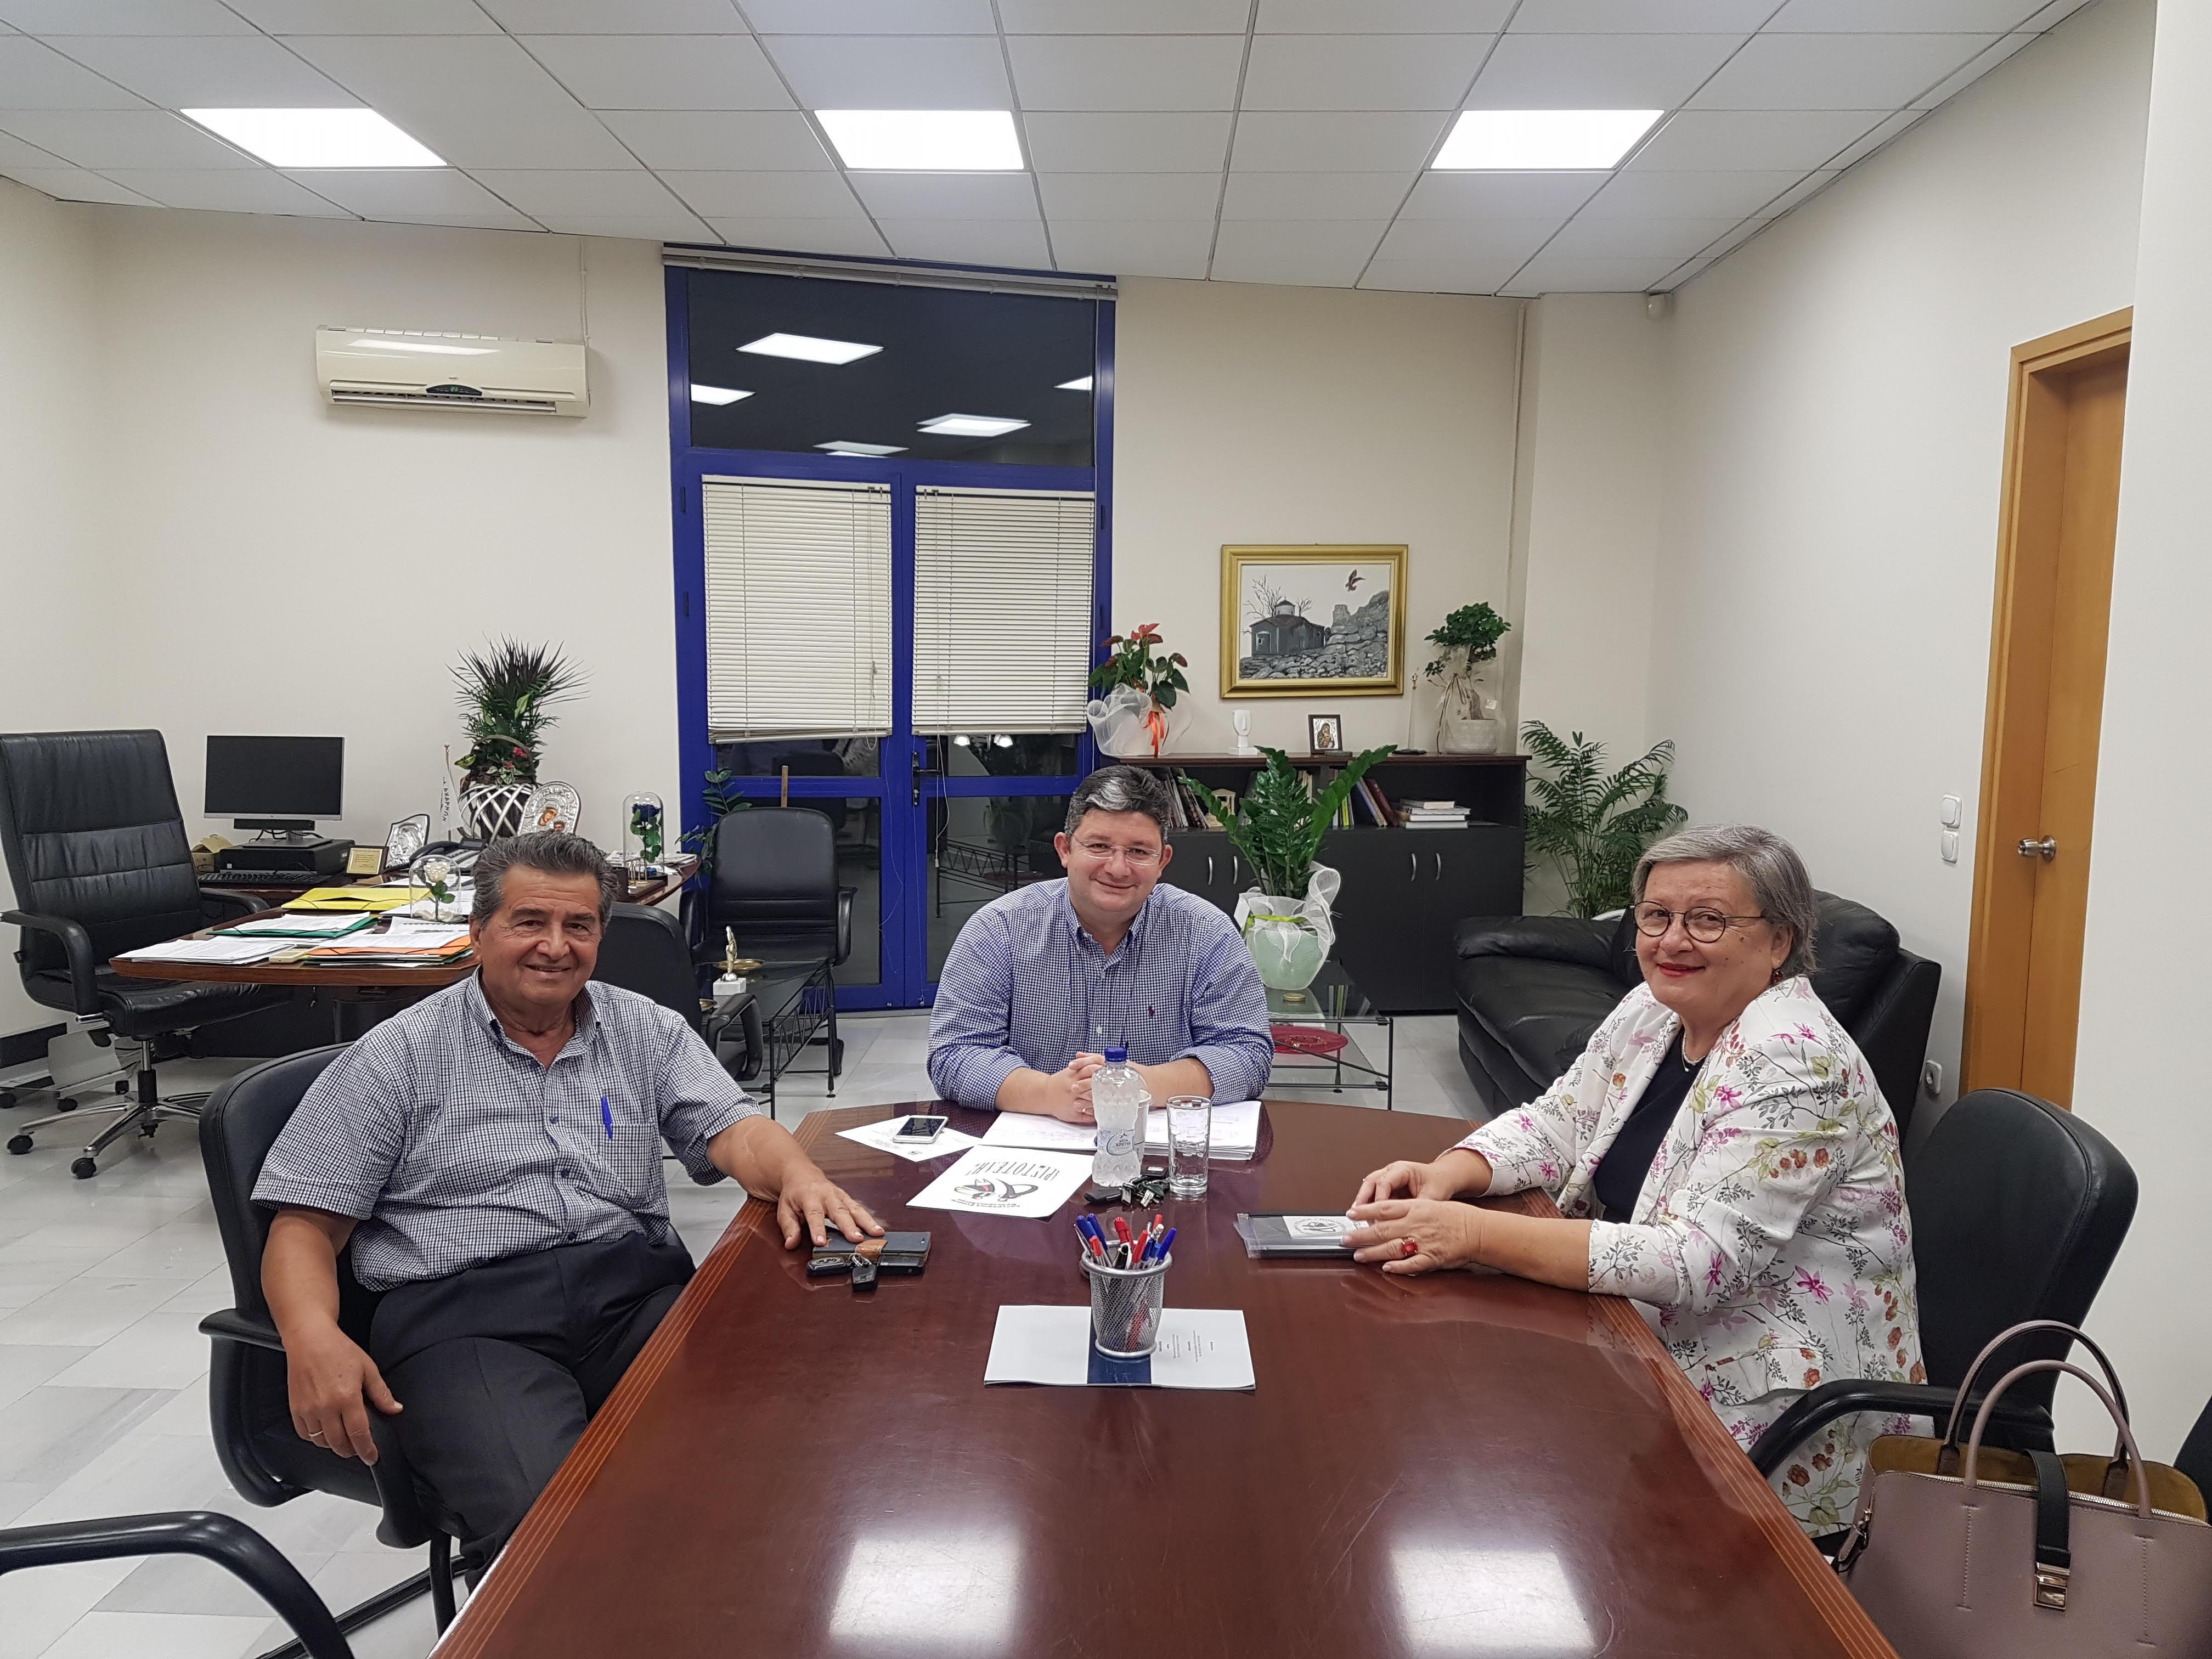 Εκπροσώπους του «Αριστοτέλη» συνάντησε ο Δήμαρχος Αχαρνών